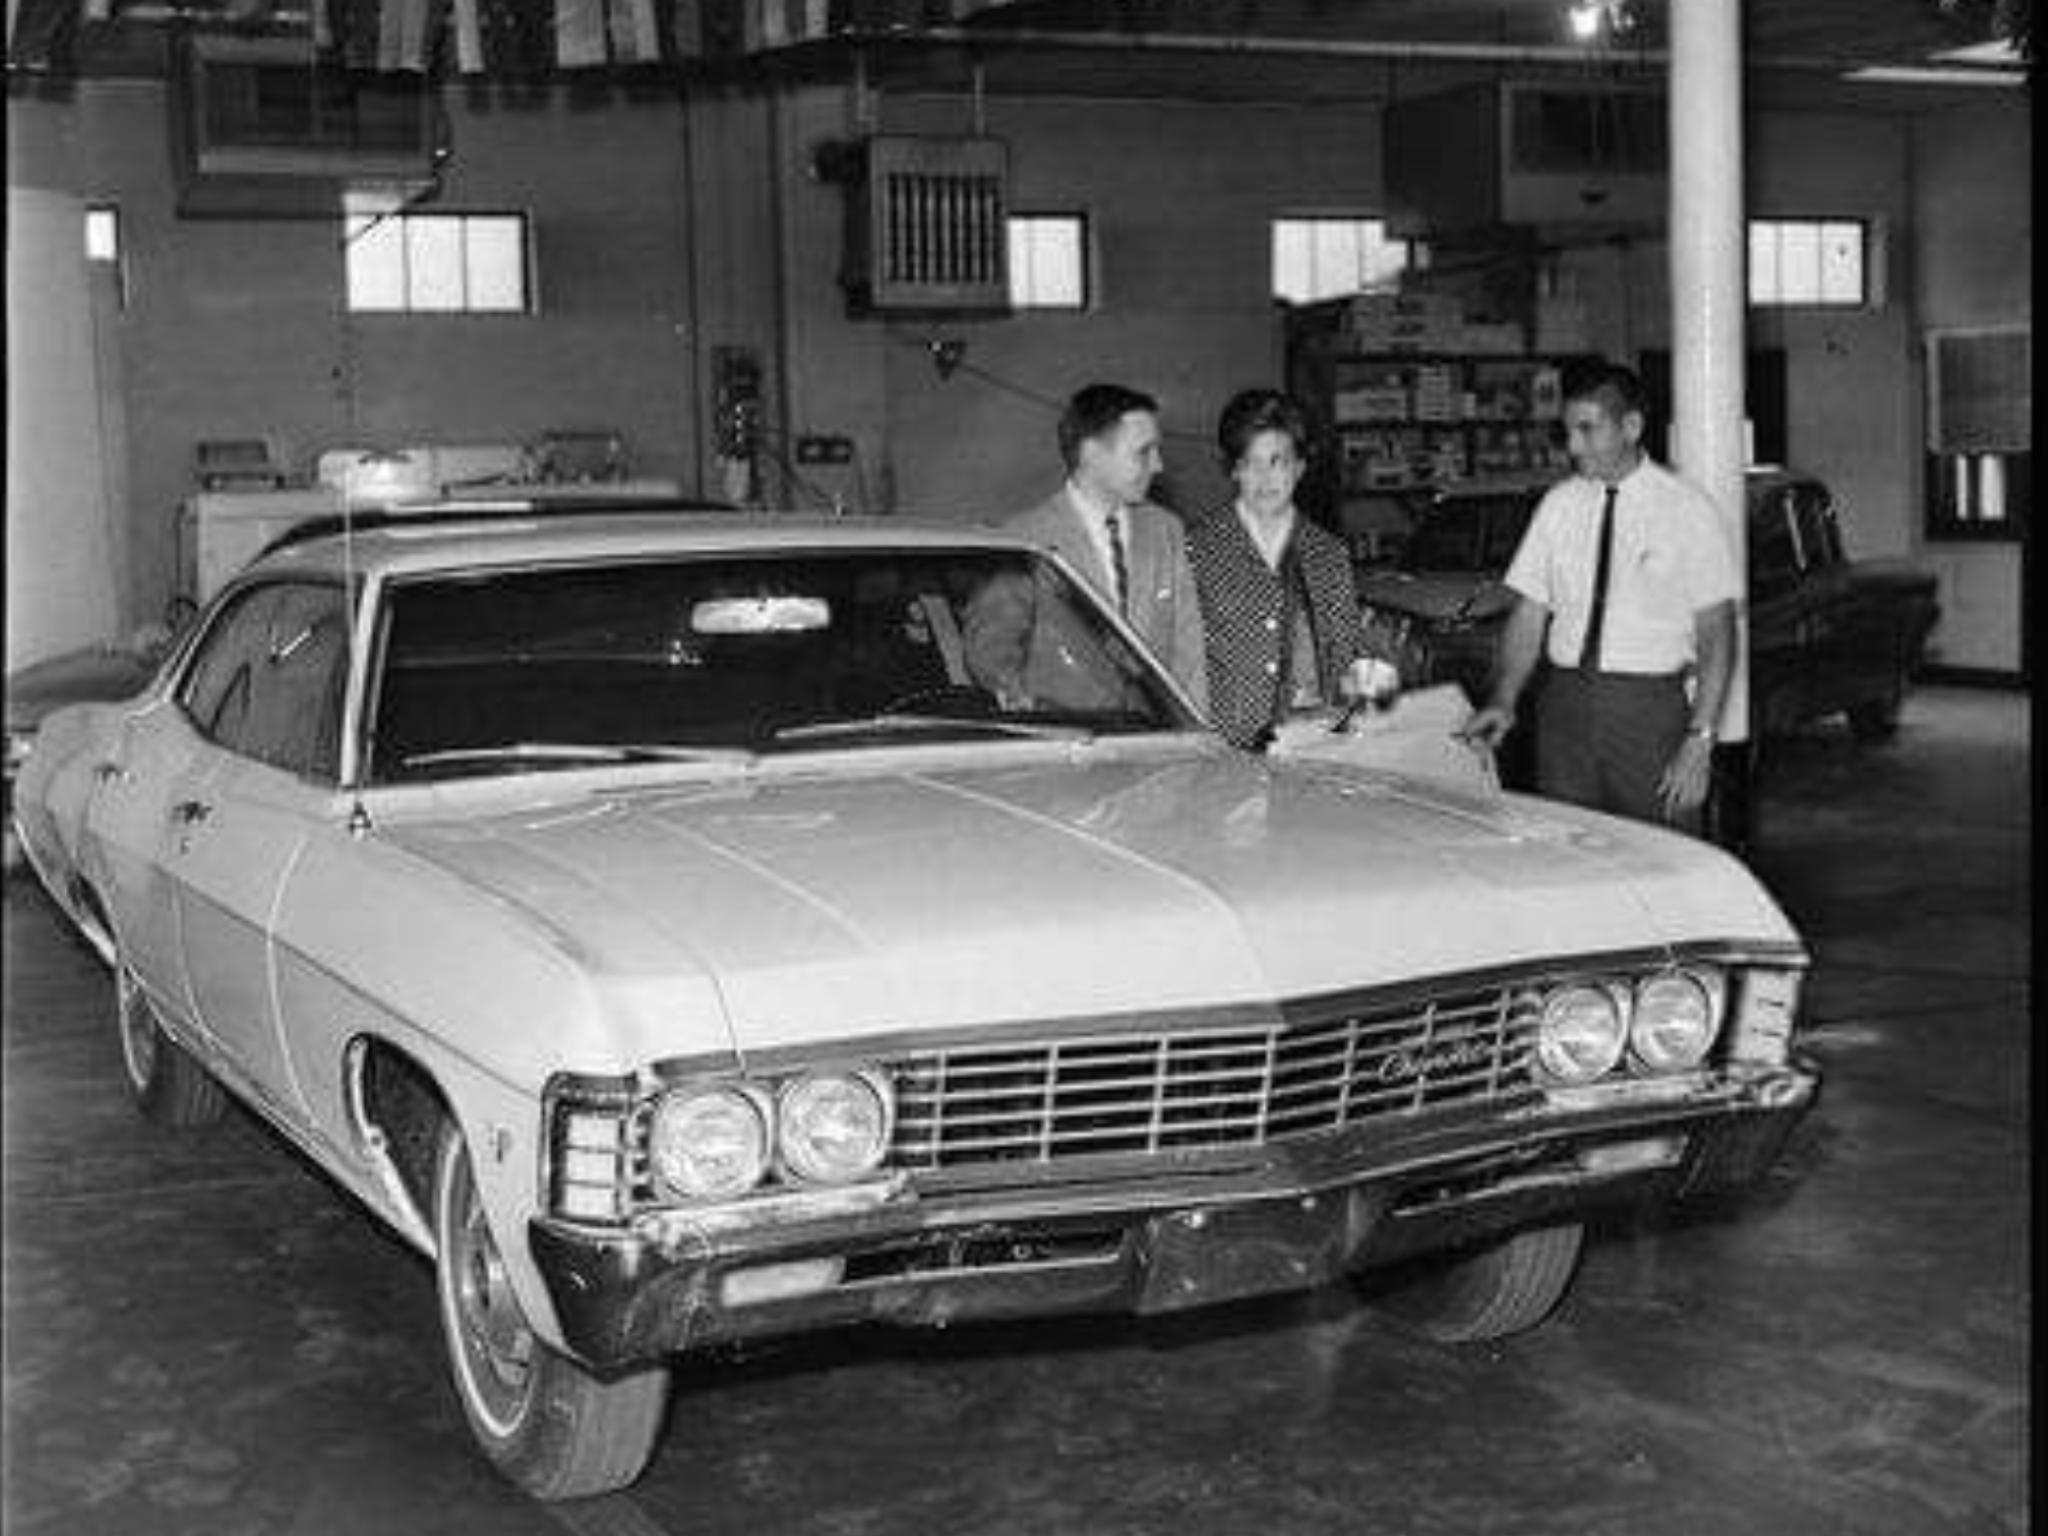 1967 Chevrolet Dealership Showroom Chevrolet Dealership Car Dealership Dealership Showroom